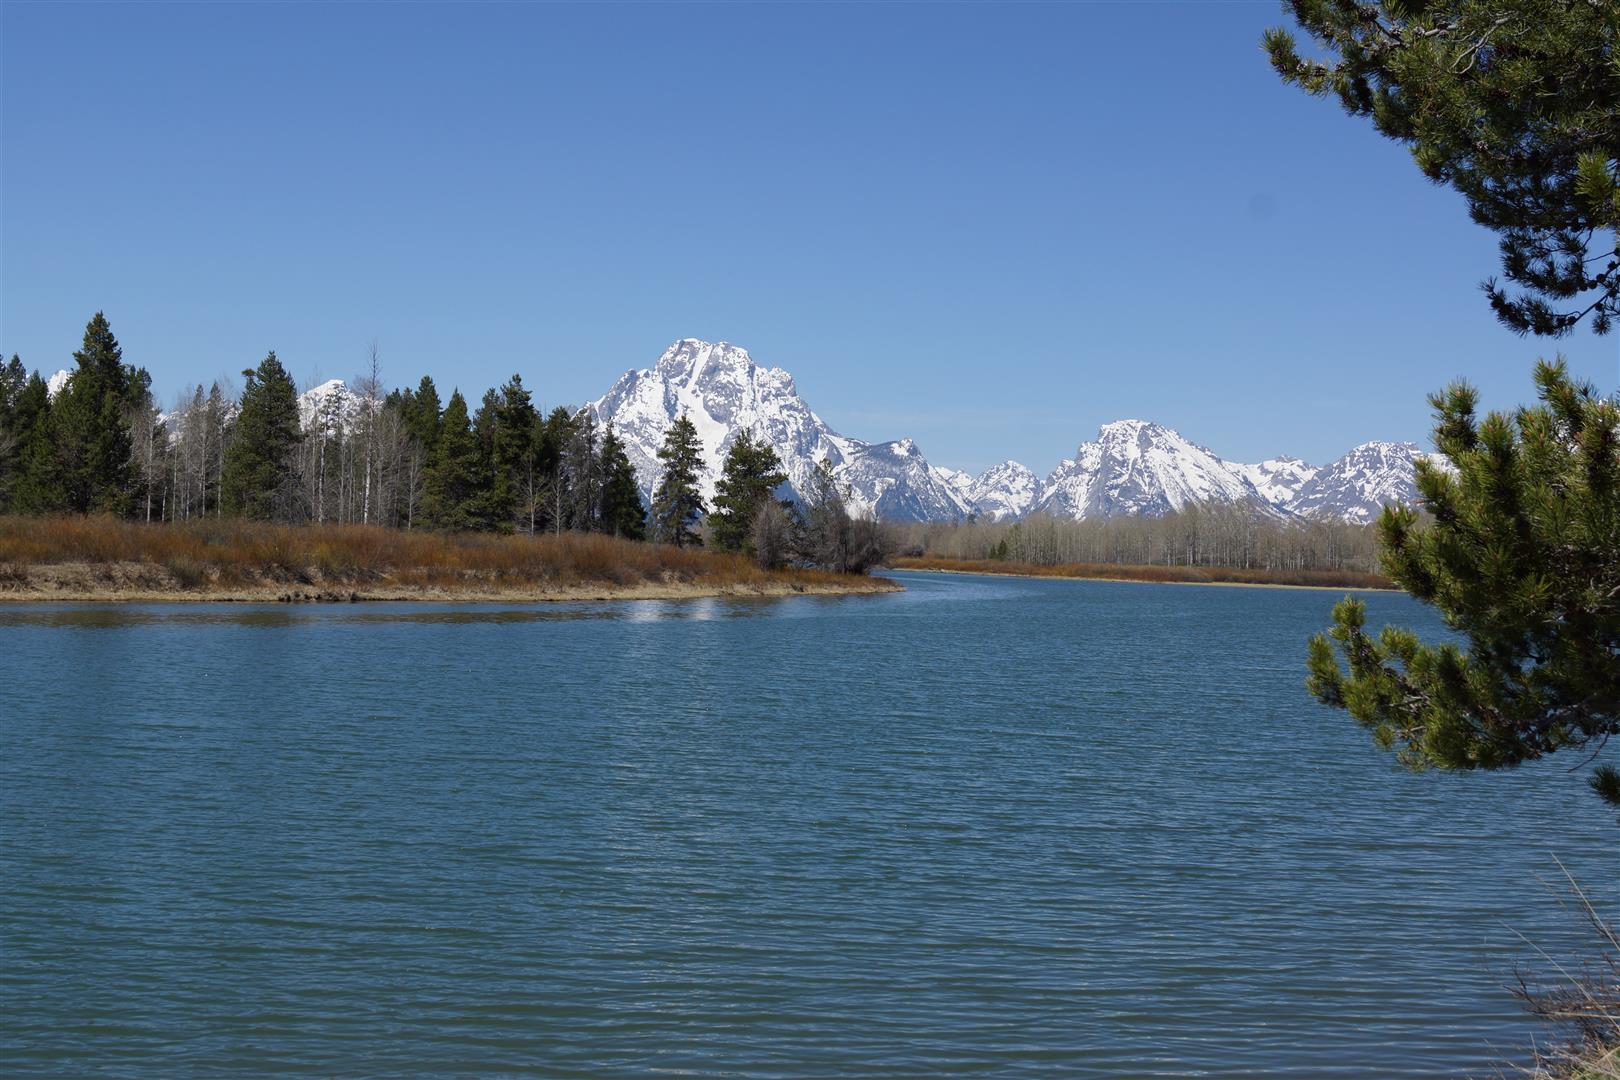 Der Teton Nationalpark bot uns dann aber schon ein paar schöne Anblicke.